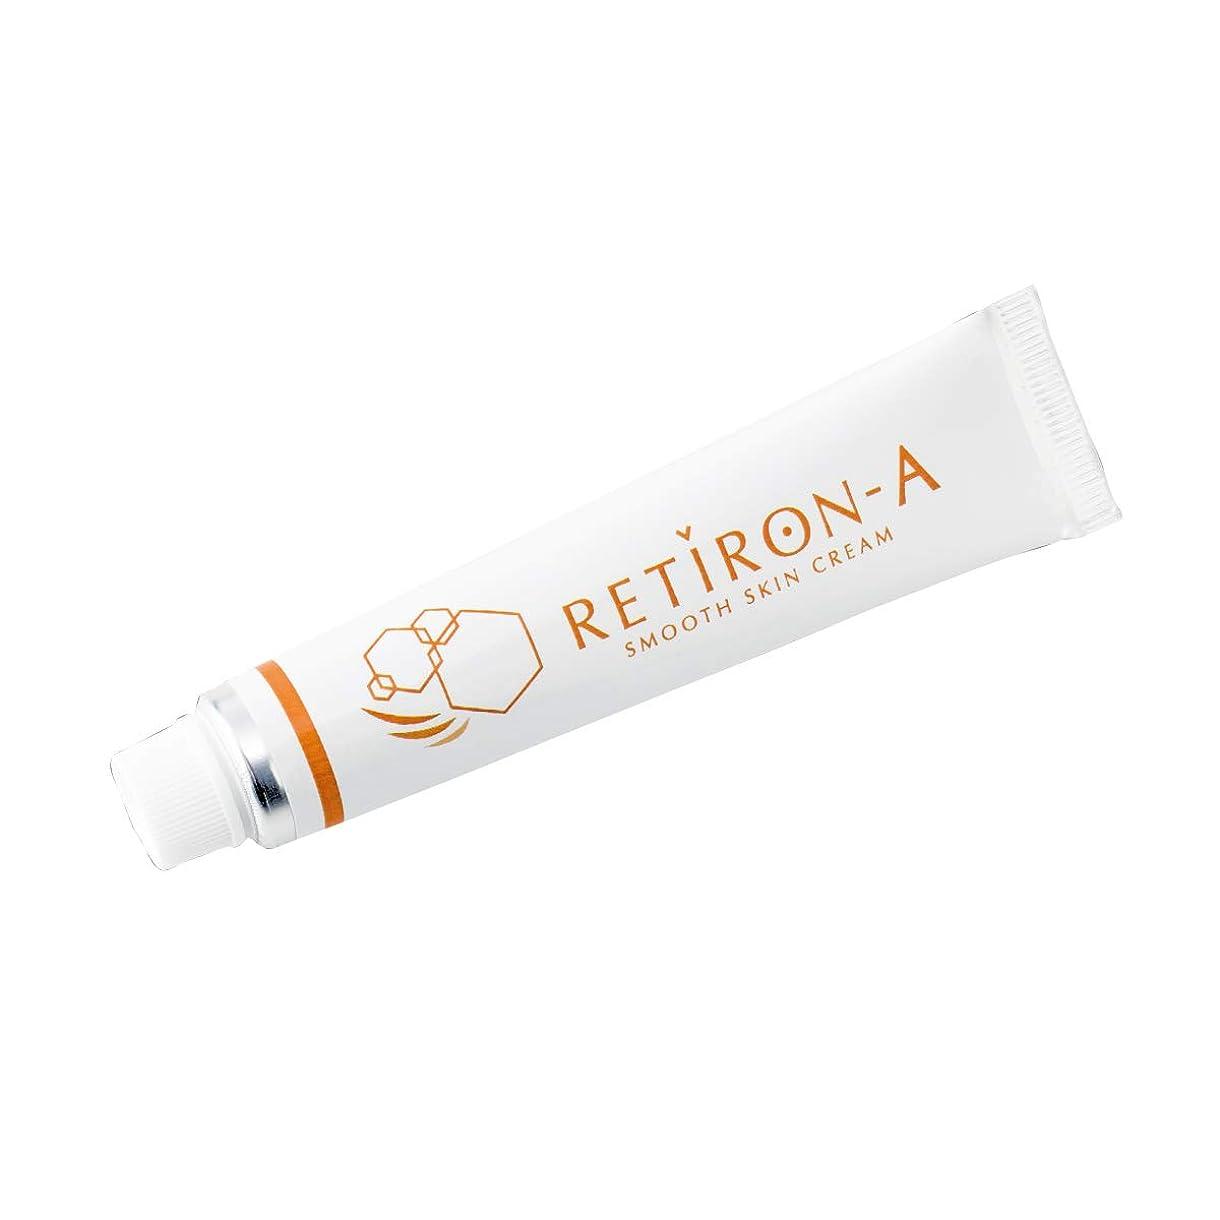 かんがい魅惑的なうがい薬クリーム 化粧品 レチノール配合 レチロンA パラベンフリー